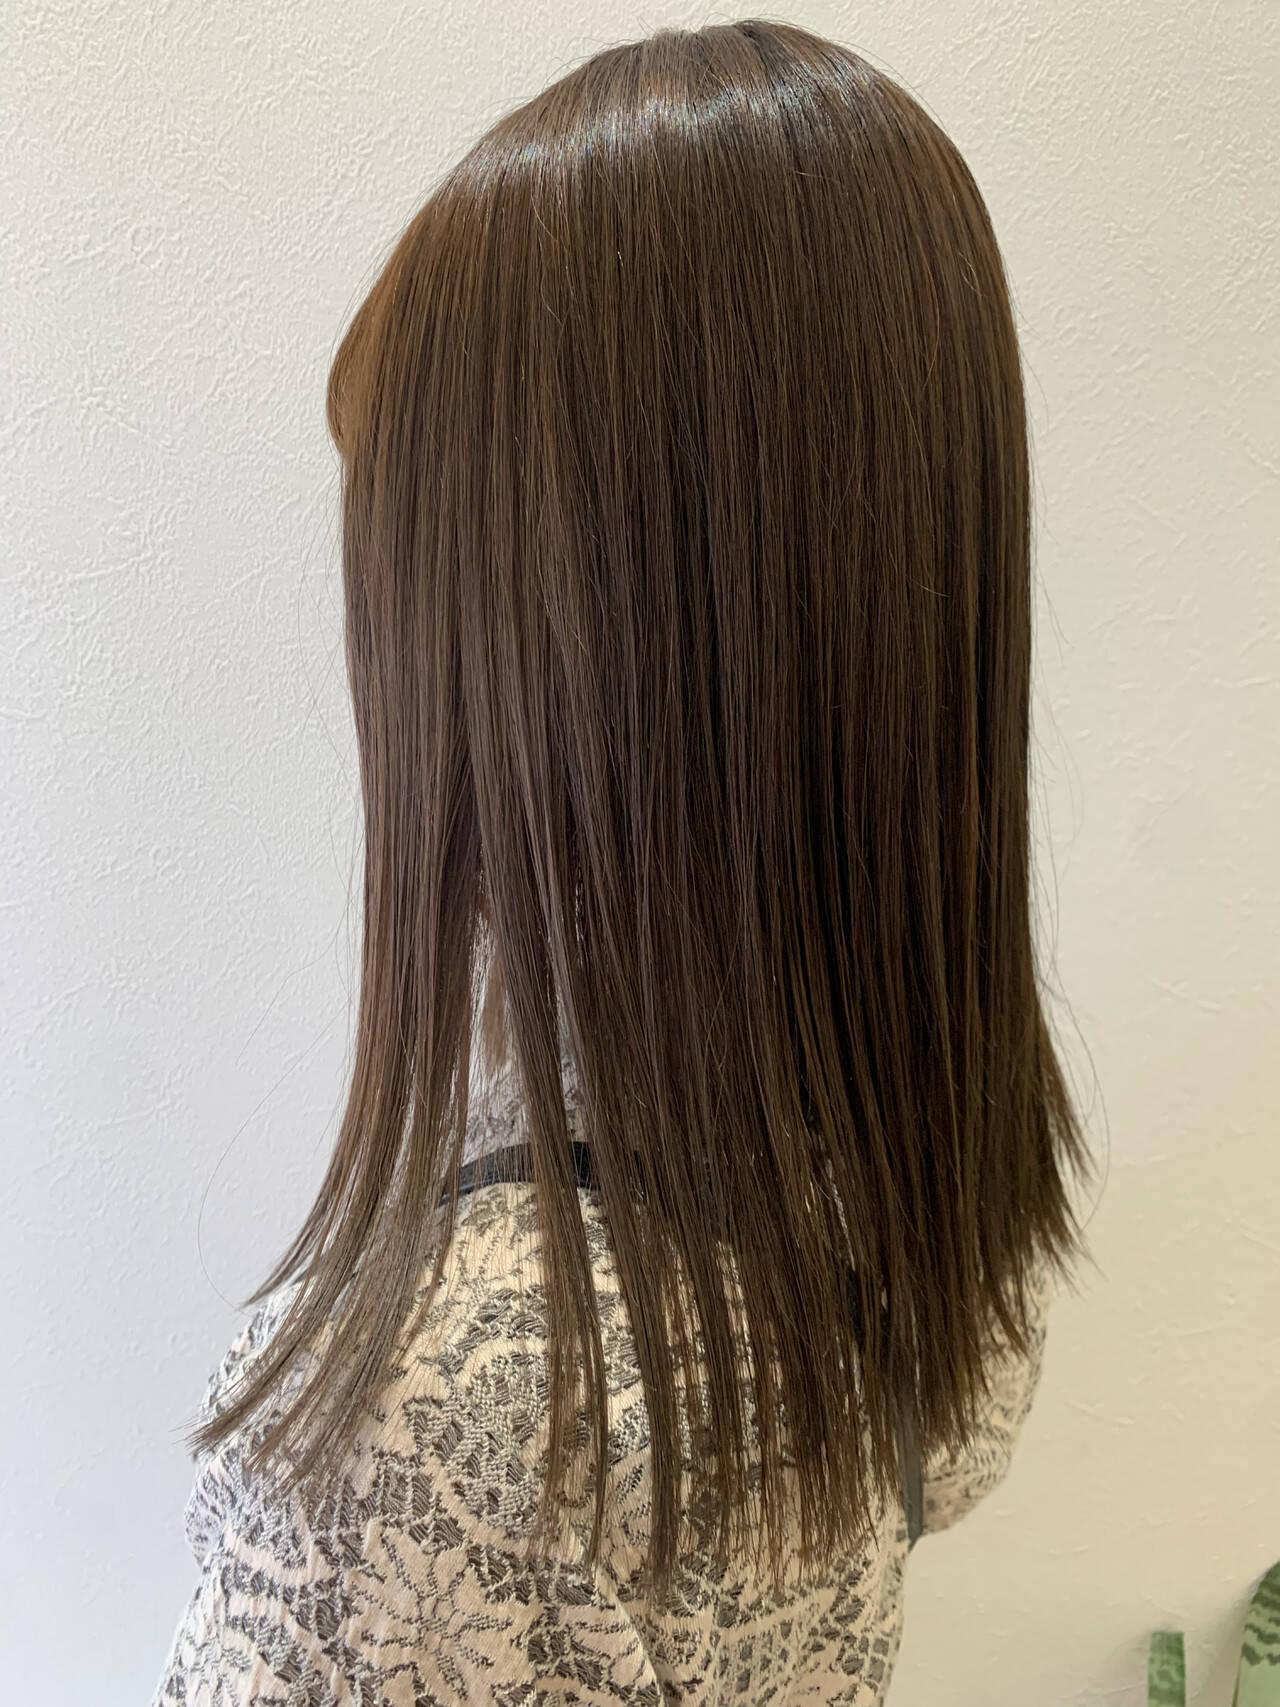 ナチュラルベージュ ナチュラル ショコラブラウン 切りっぱなしヘアスタイルや髪型の写真・画像